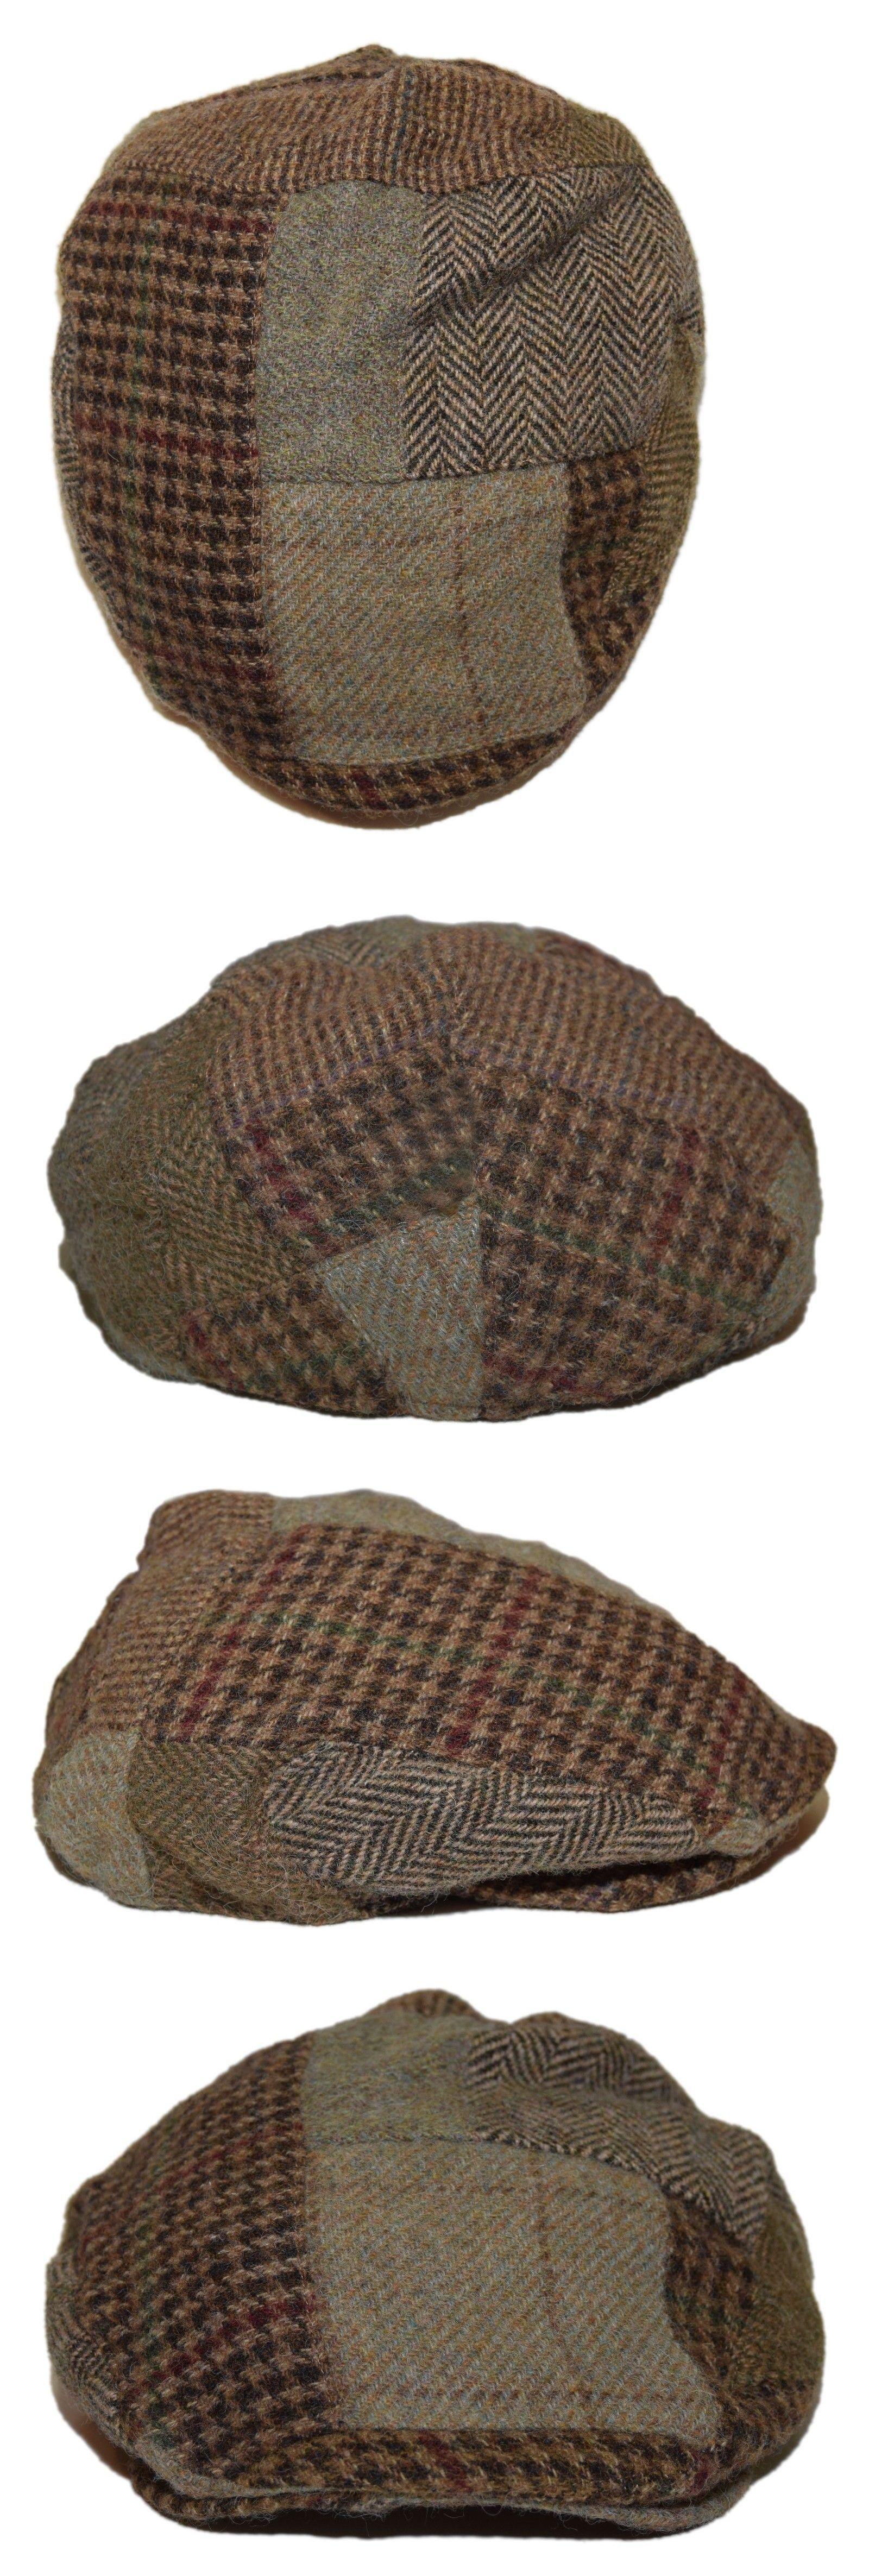 16c656a5570 Hats 45230  Polo Ralph Lauren Mens Patchwork Plaid Lambs Wool Newsboy Hat  Cap Brown Green